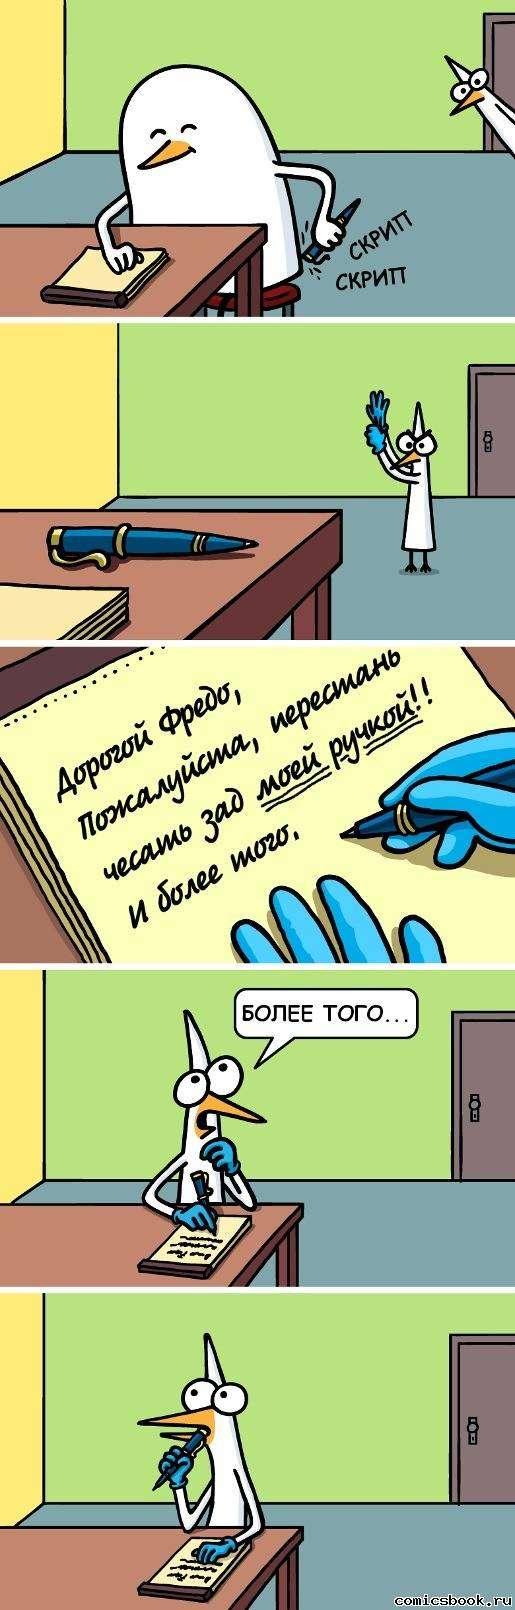 Брезгливость - Другие комиксы